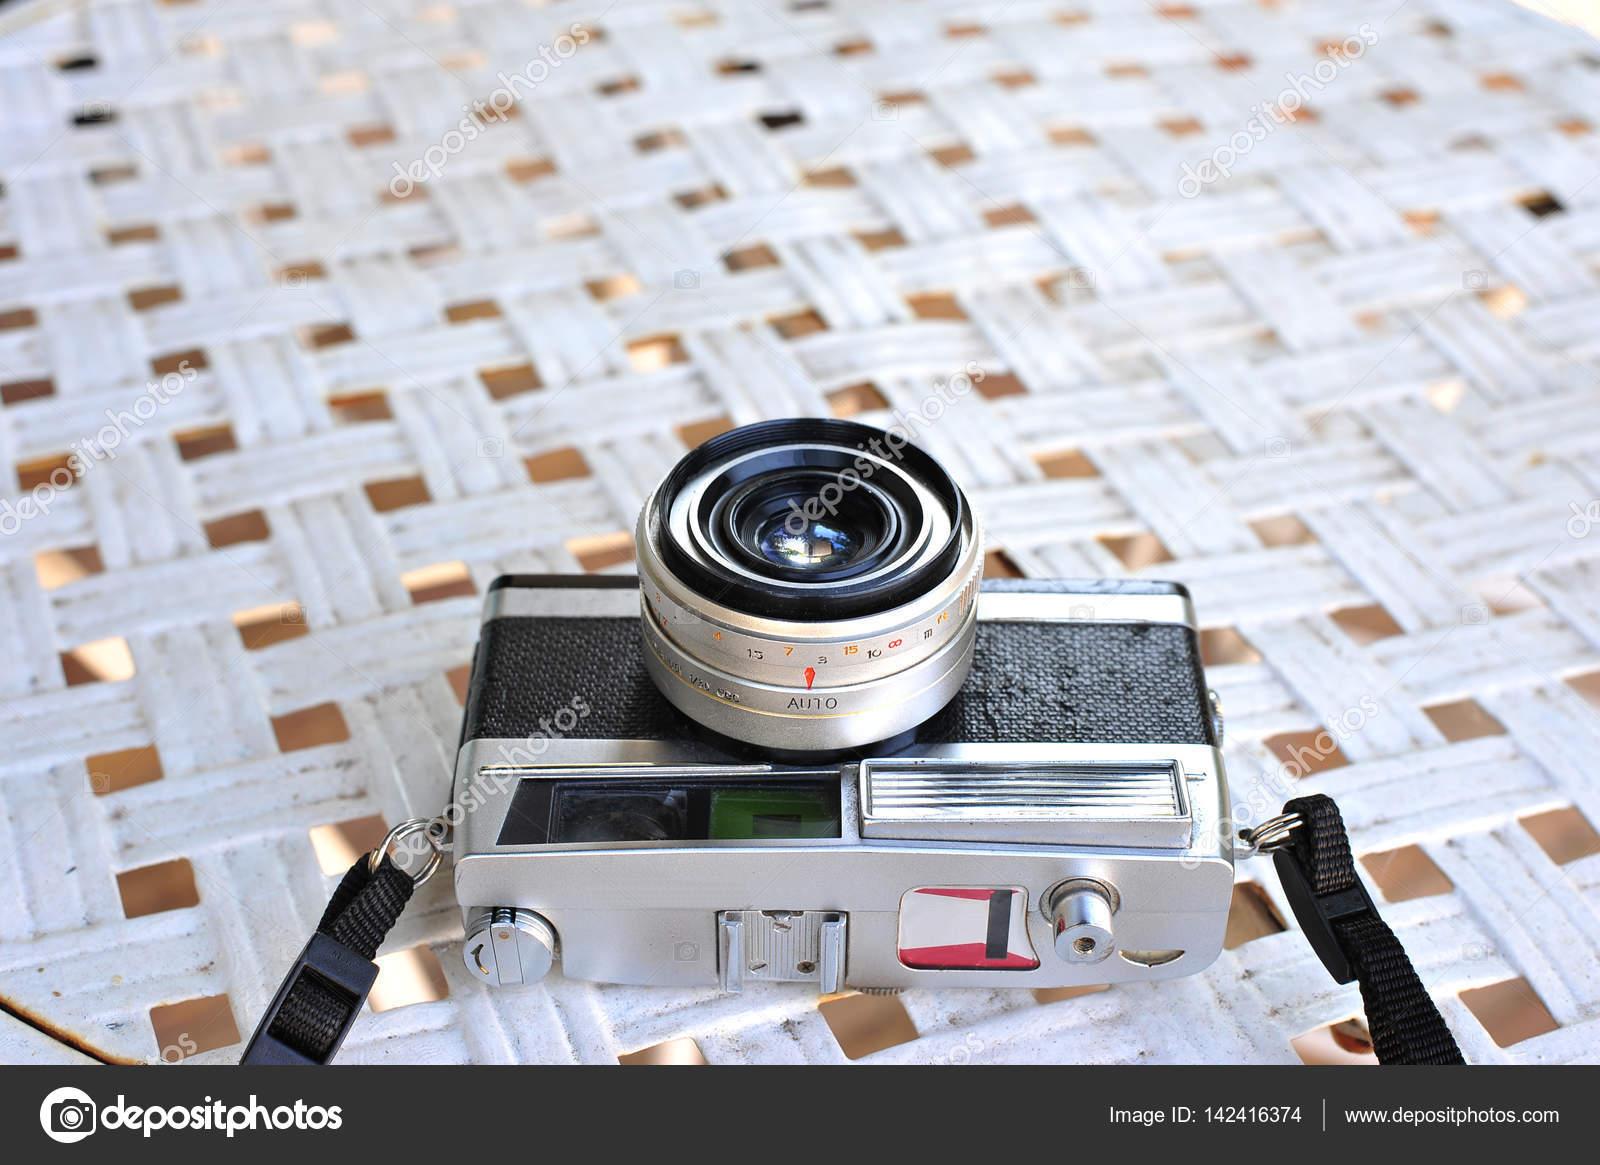 Entfernungsmesser Für Fotografie : Die alten retro vintage entfernungsmesser film kamera stil